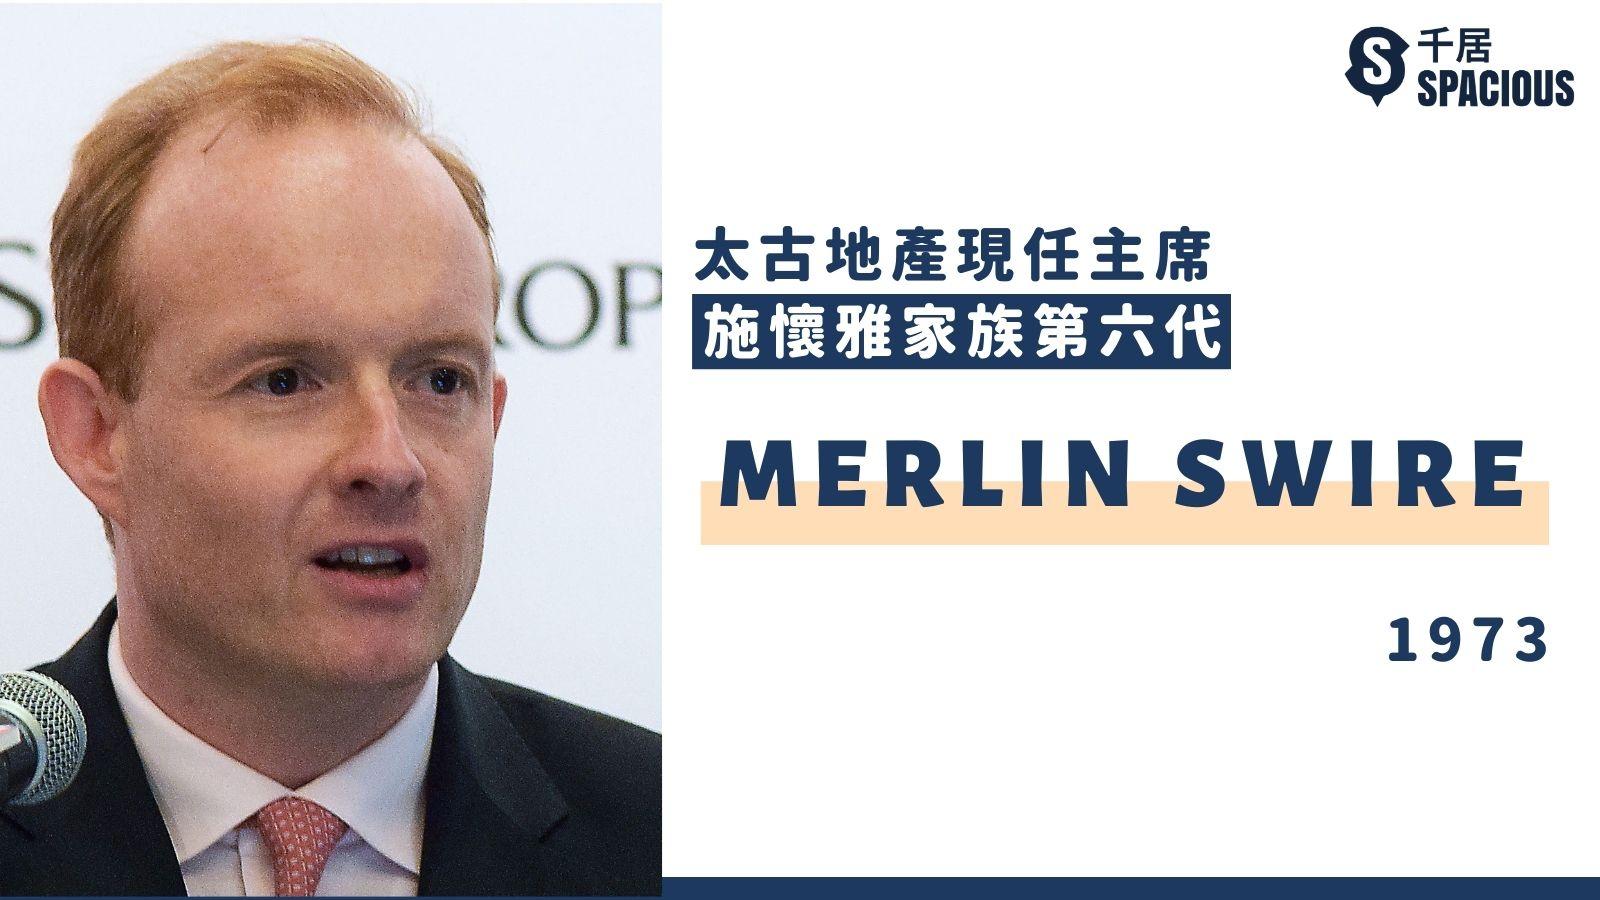 太古地產現任主席-施懷雅家族第六代-Merlin Swire